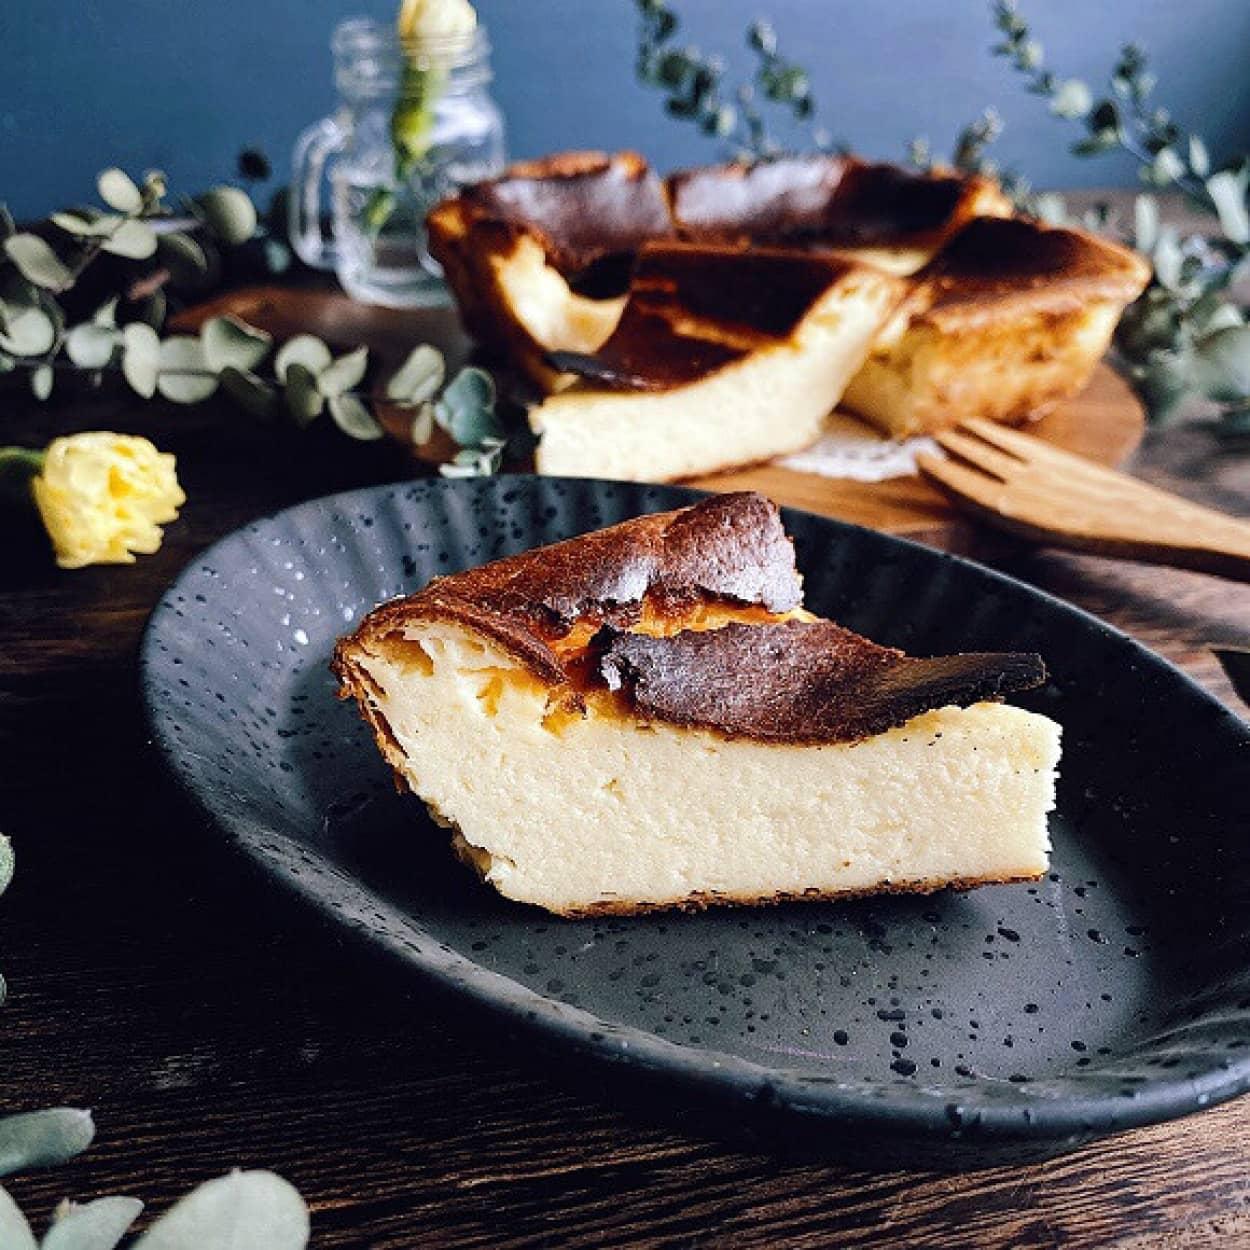 アイスクリームで簡単に作れるバスクチーズケーキのレシピ